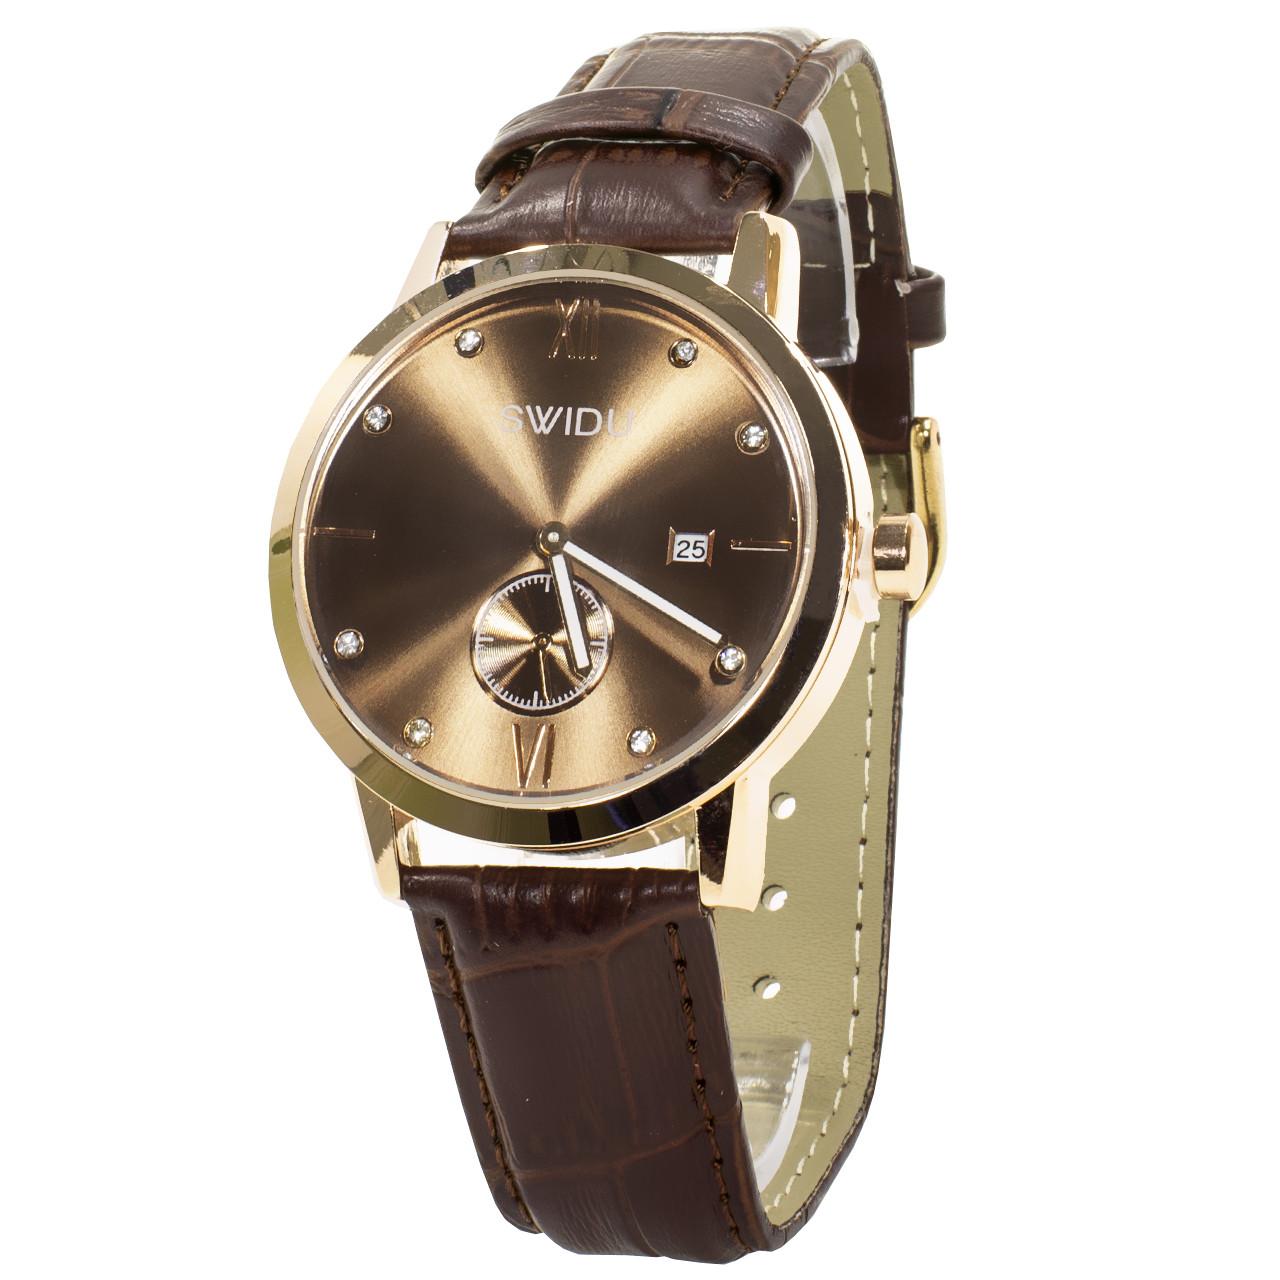 ➨Наручные часы SWIDU SWI-018 Brown + Gold мужские инкрустация камнями унисекс